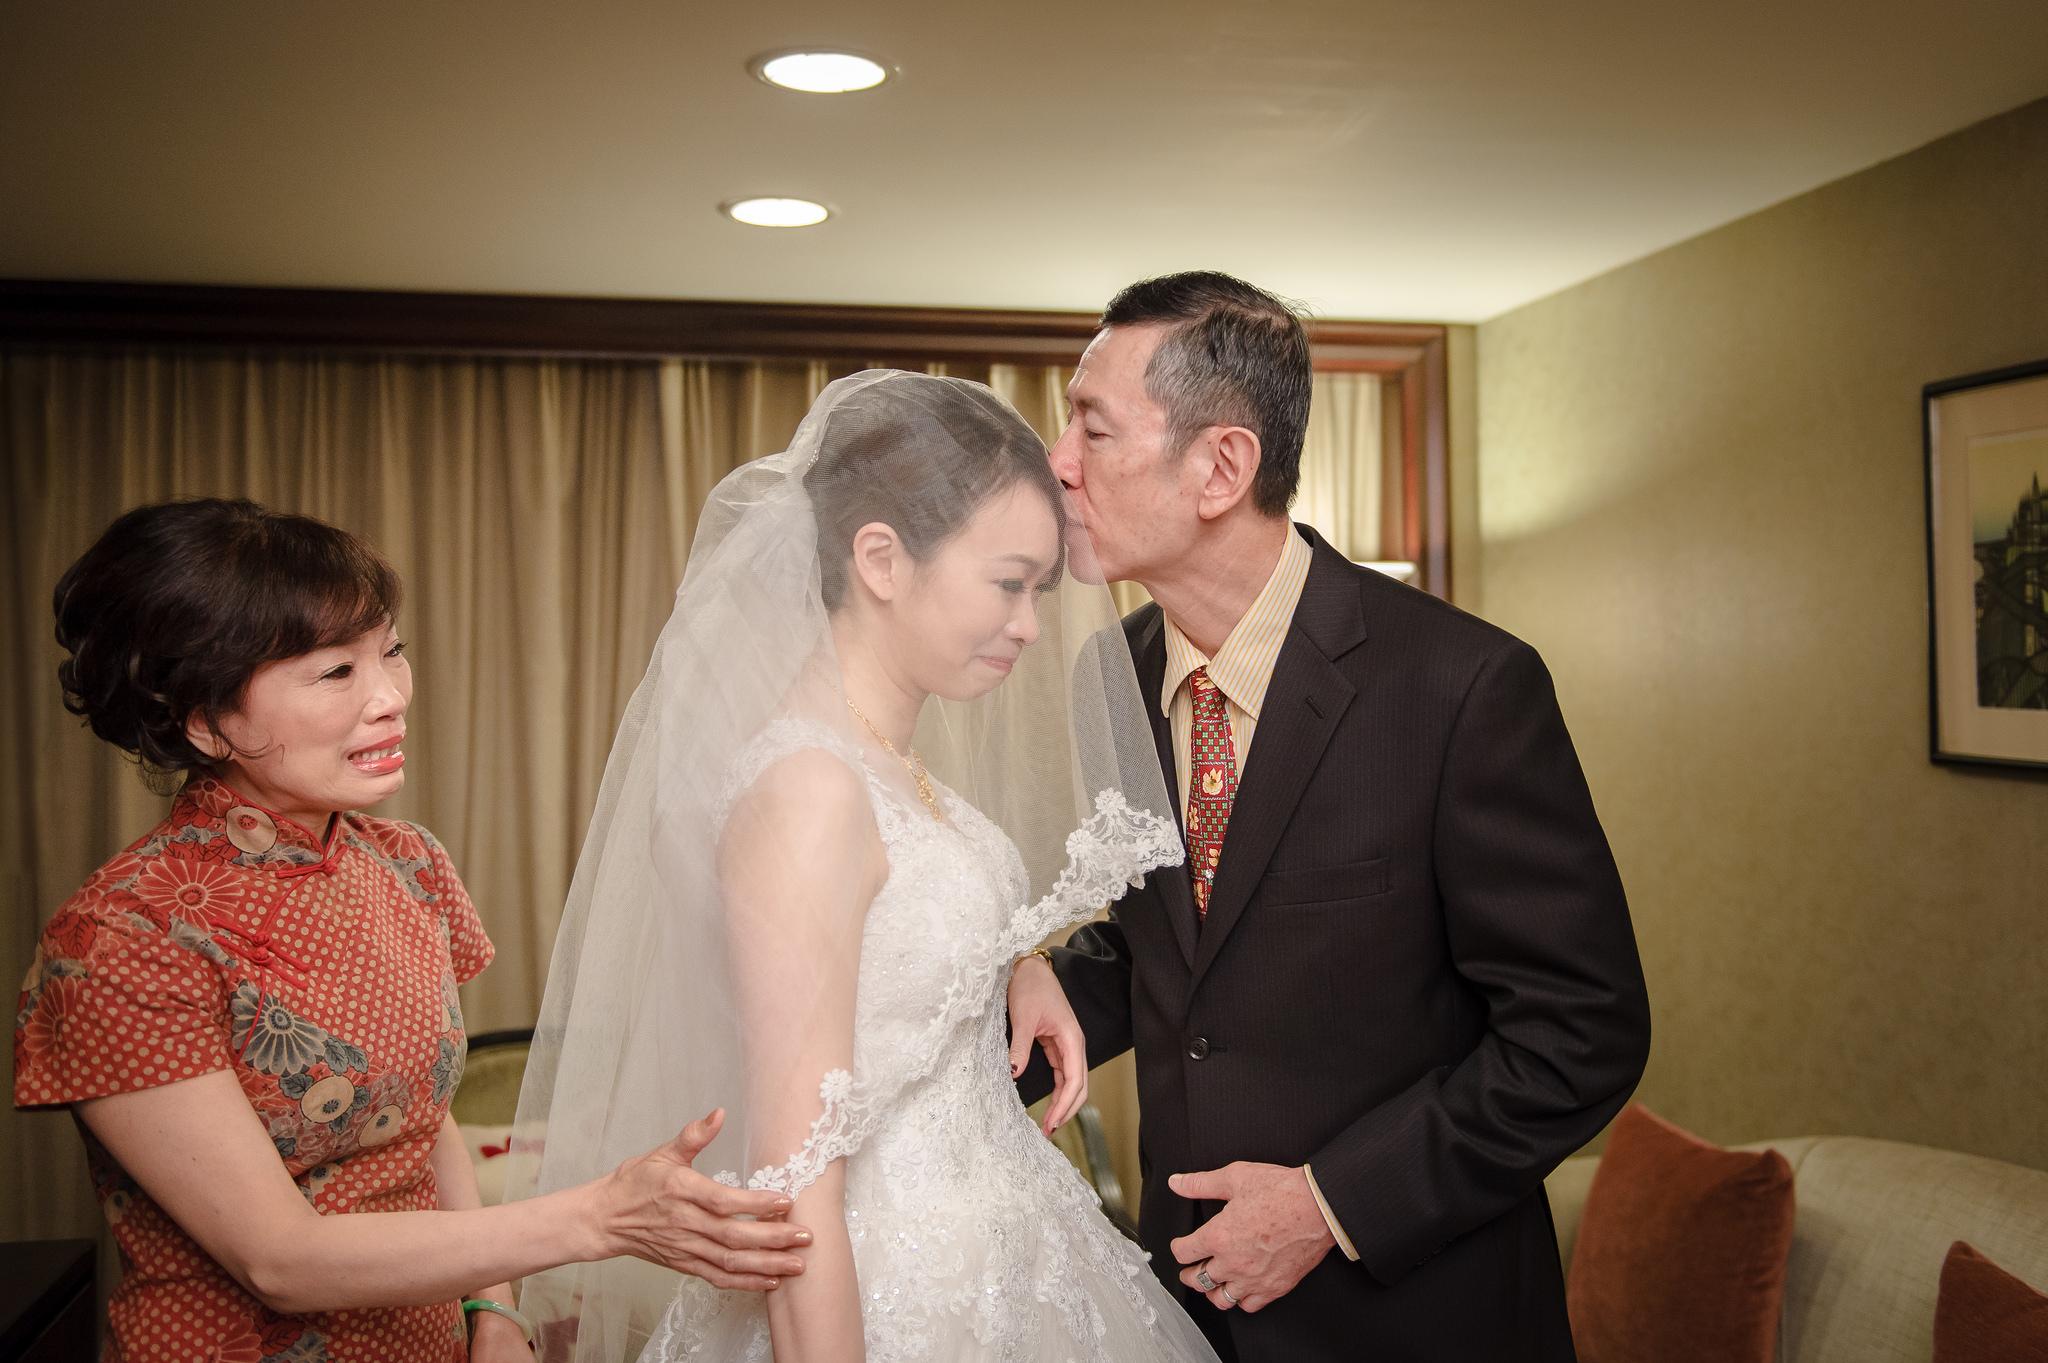 為何結婚婚禮要穿白紗?婚紗的演變與歷史您知道嗎?